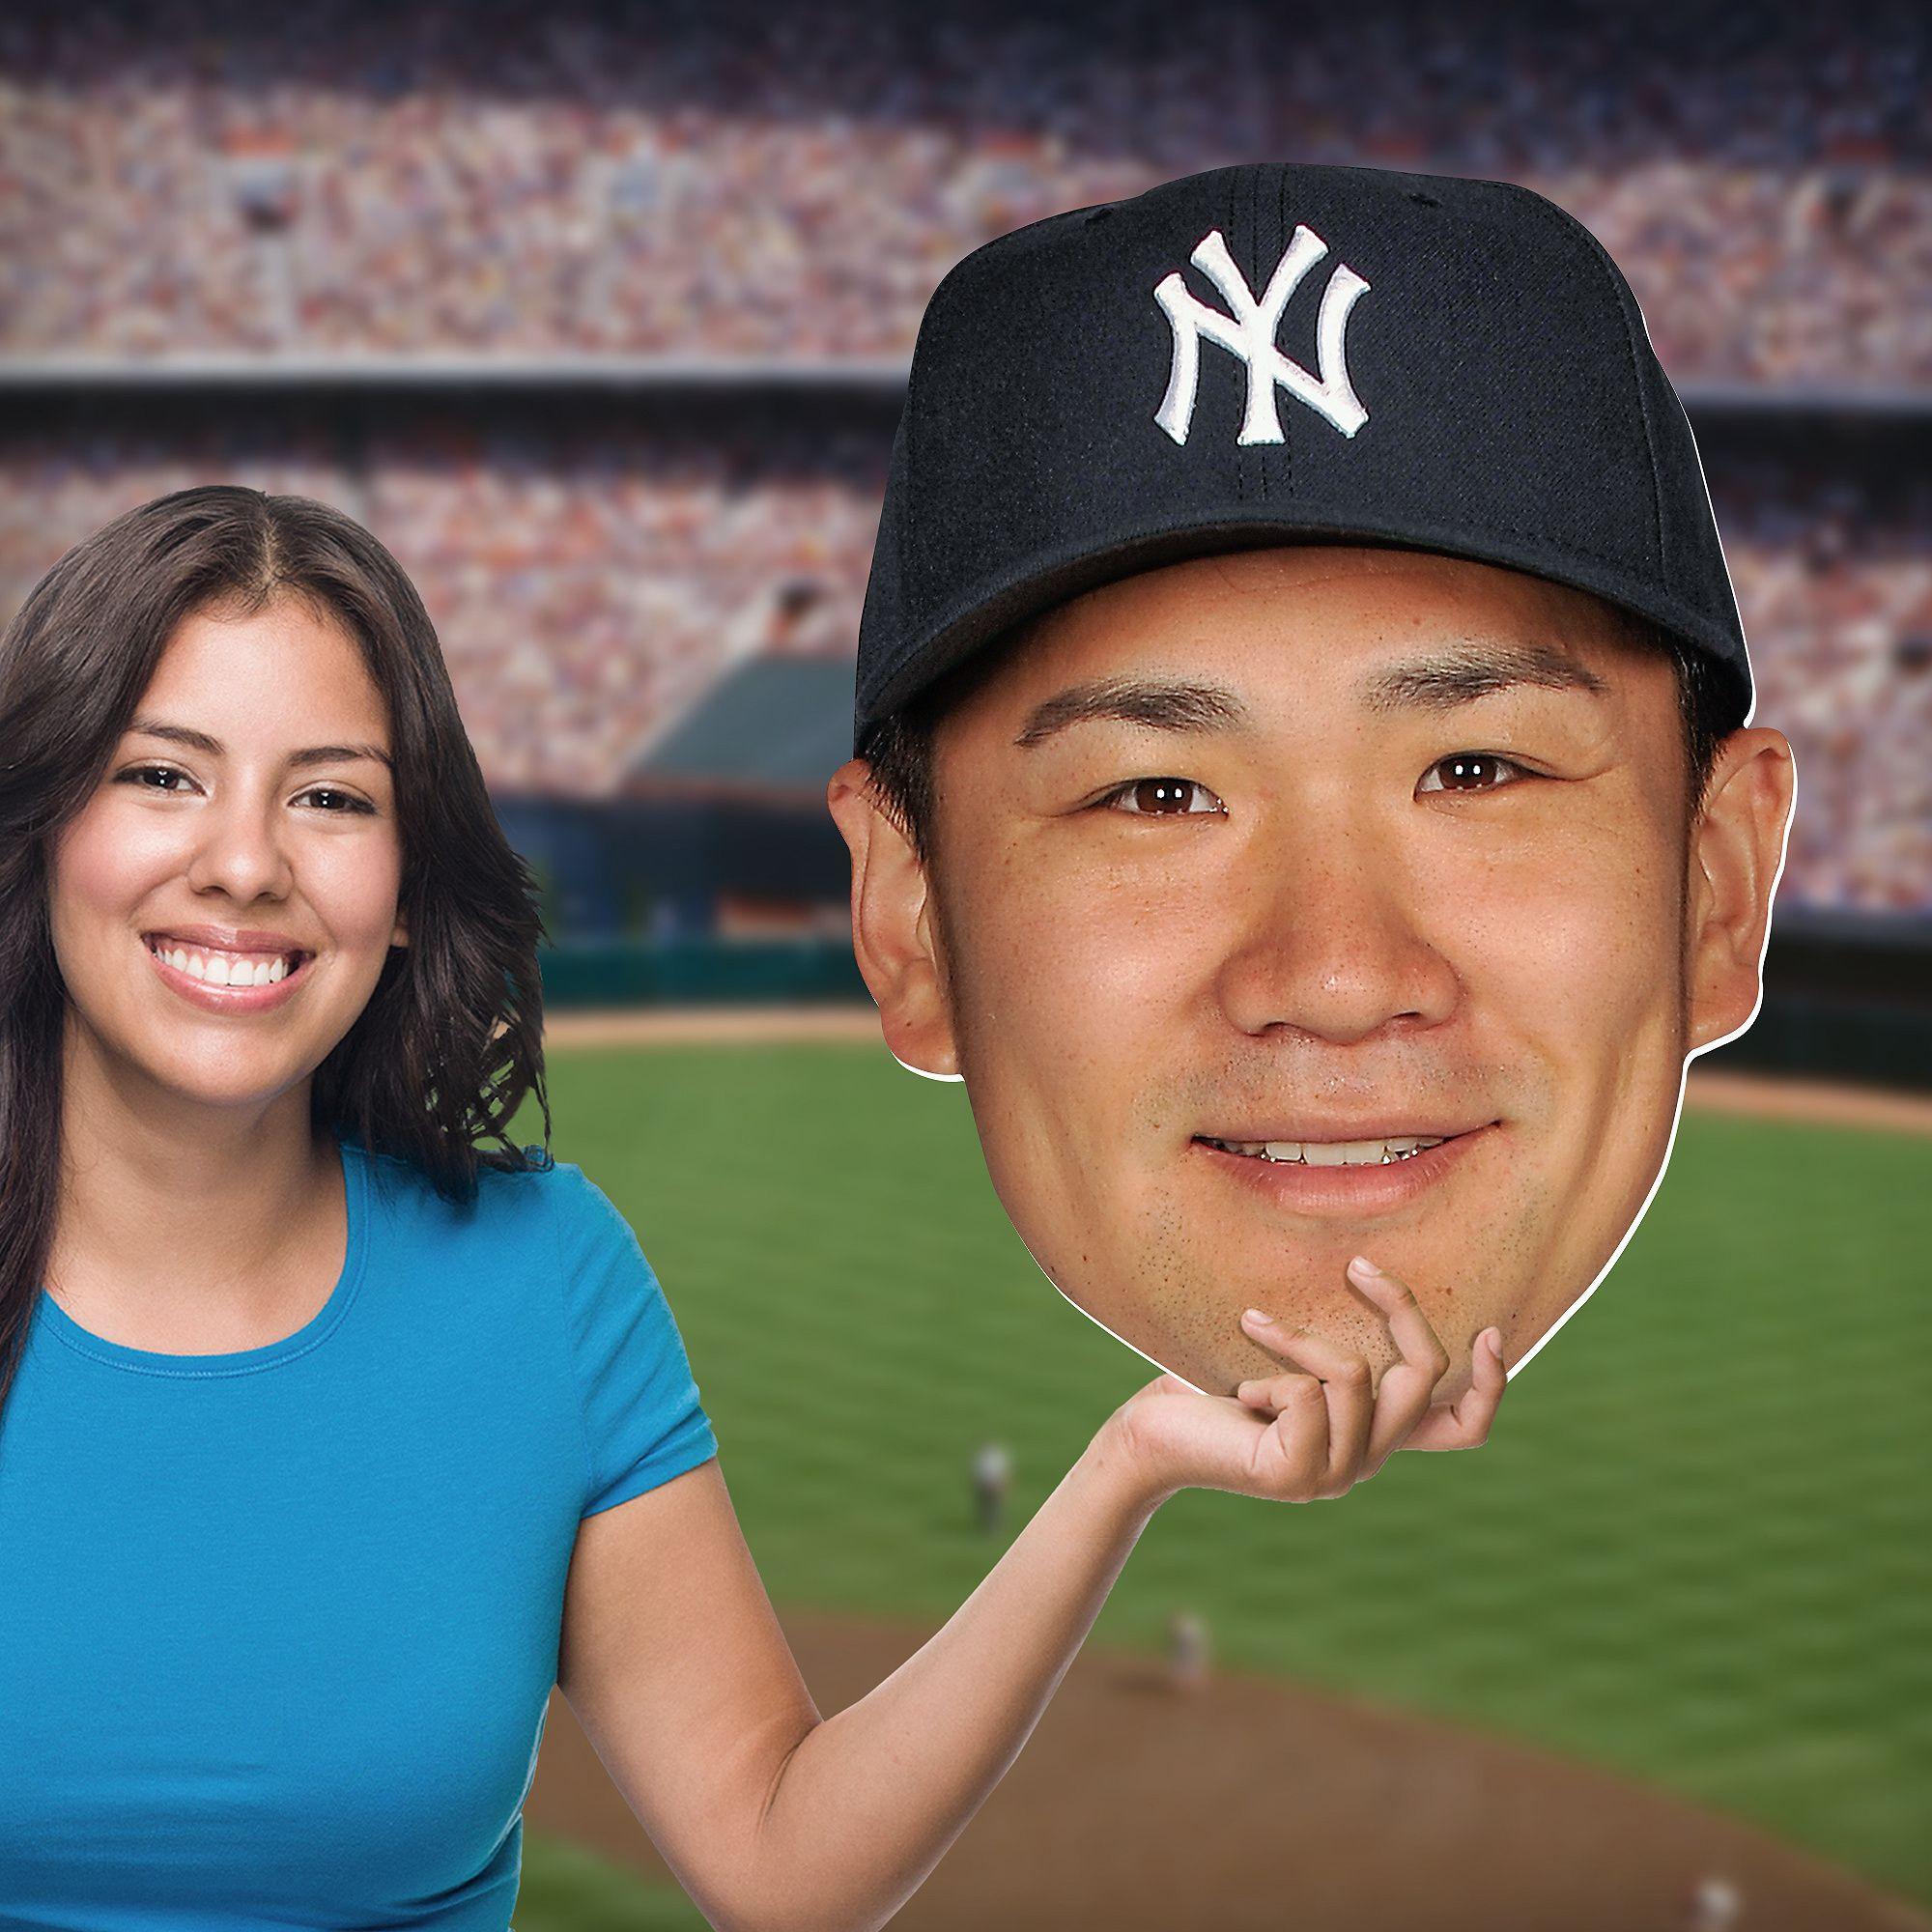 New York Yankees Bedroom Decor Masahiro Tanaka Big Head New York Yankees Baseball Diy Bedroom